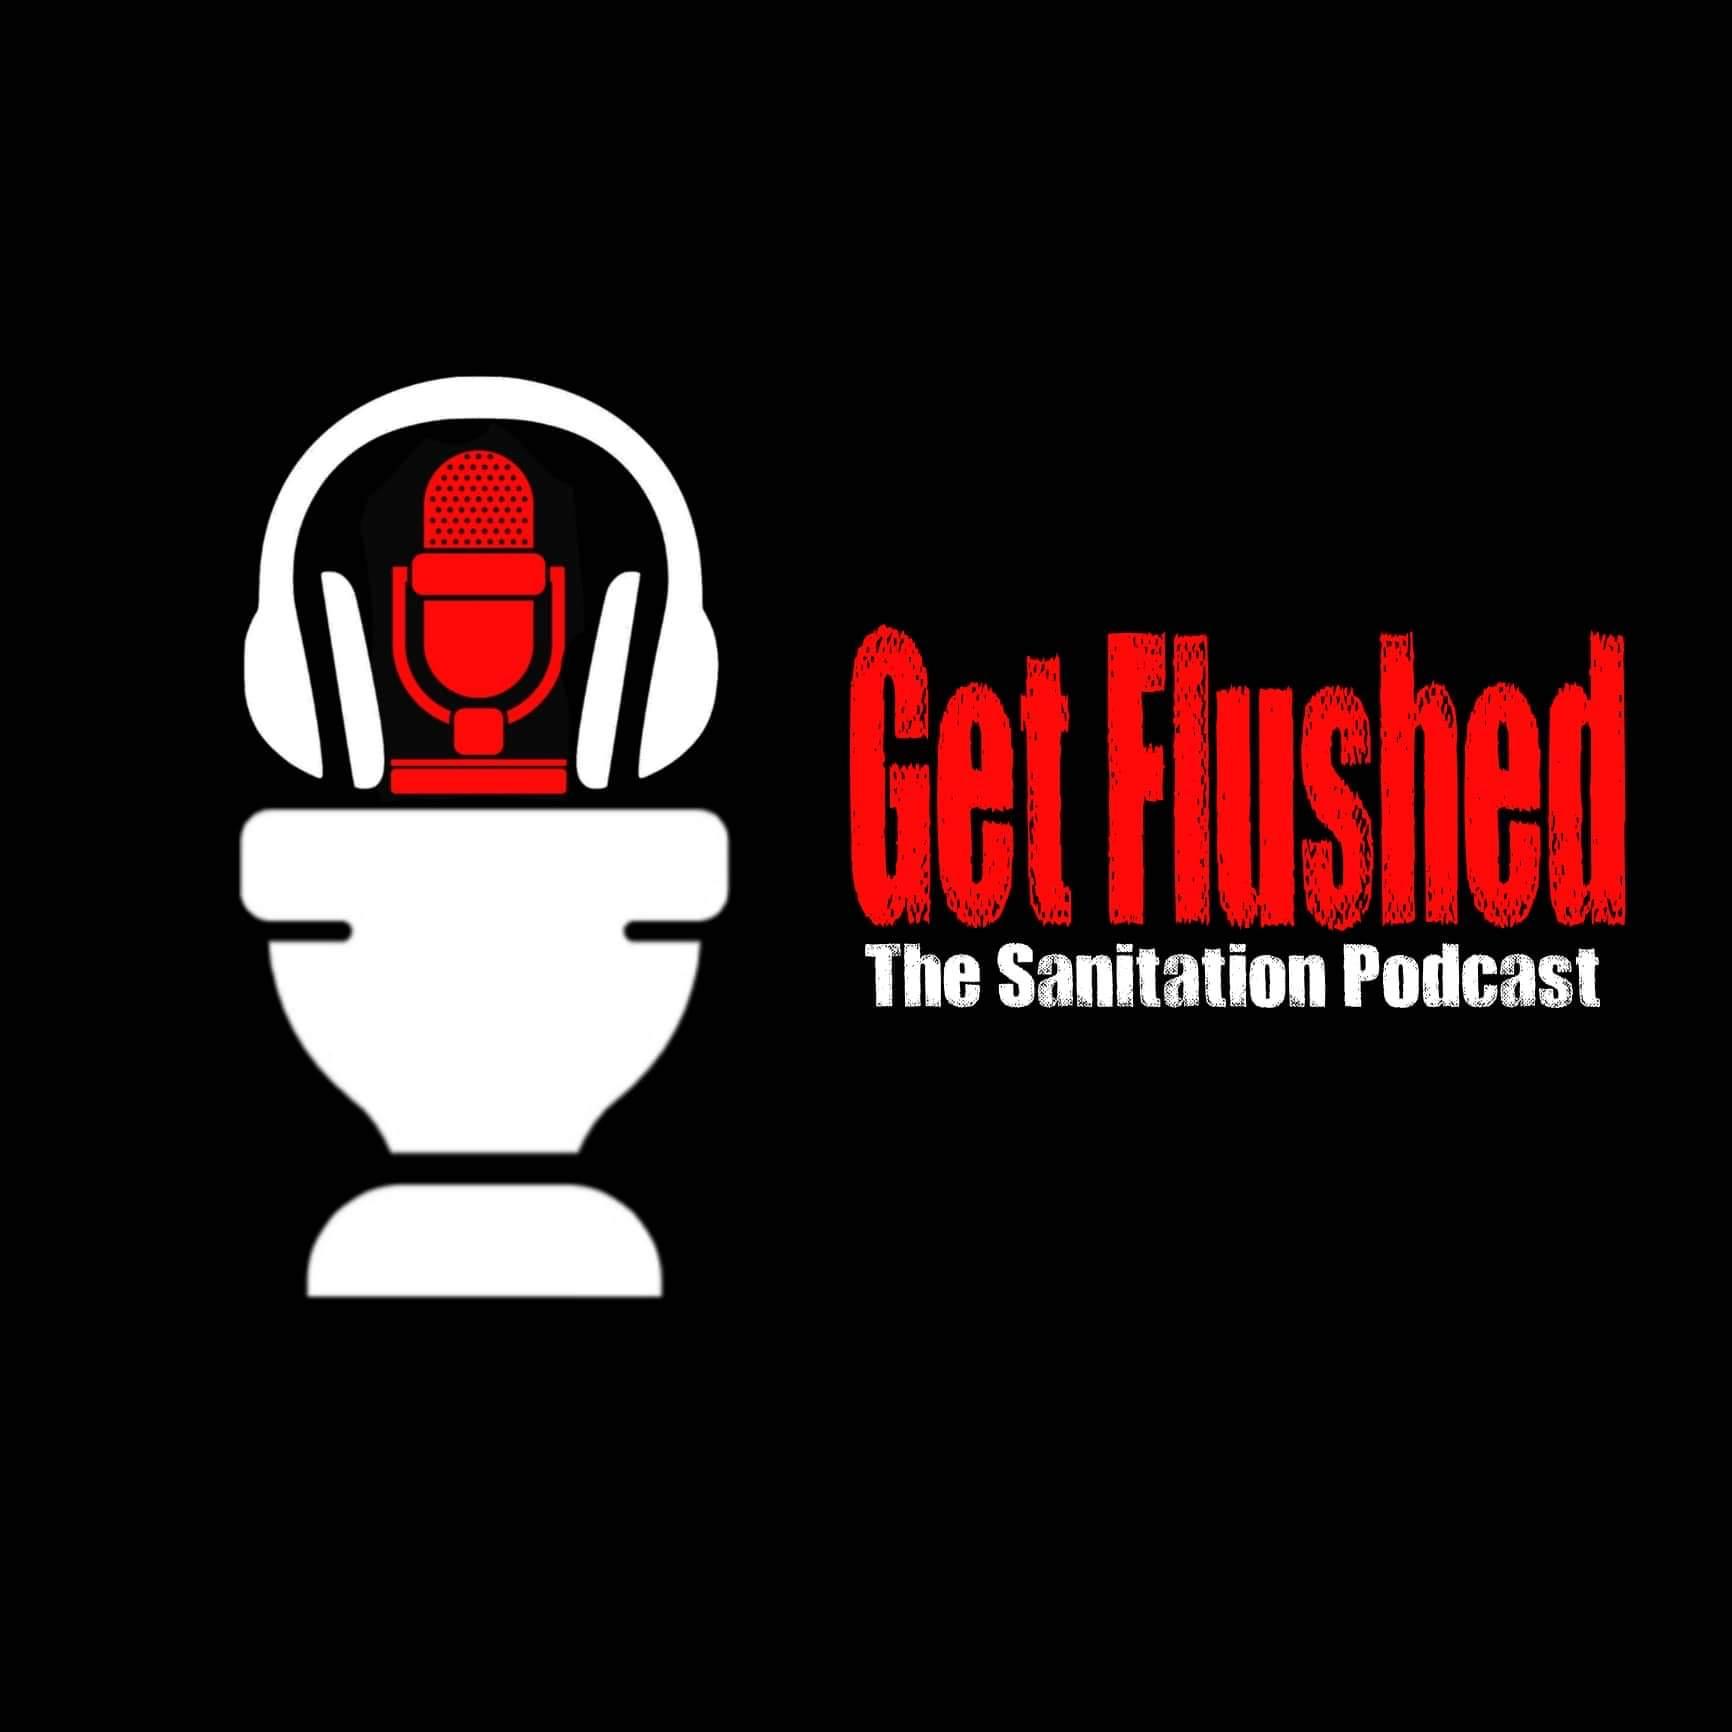 Show artwork for Get Flushed